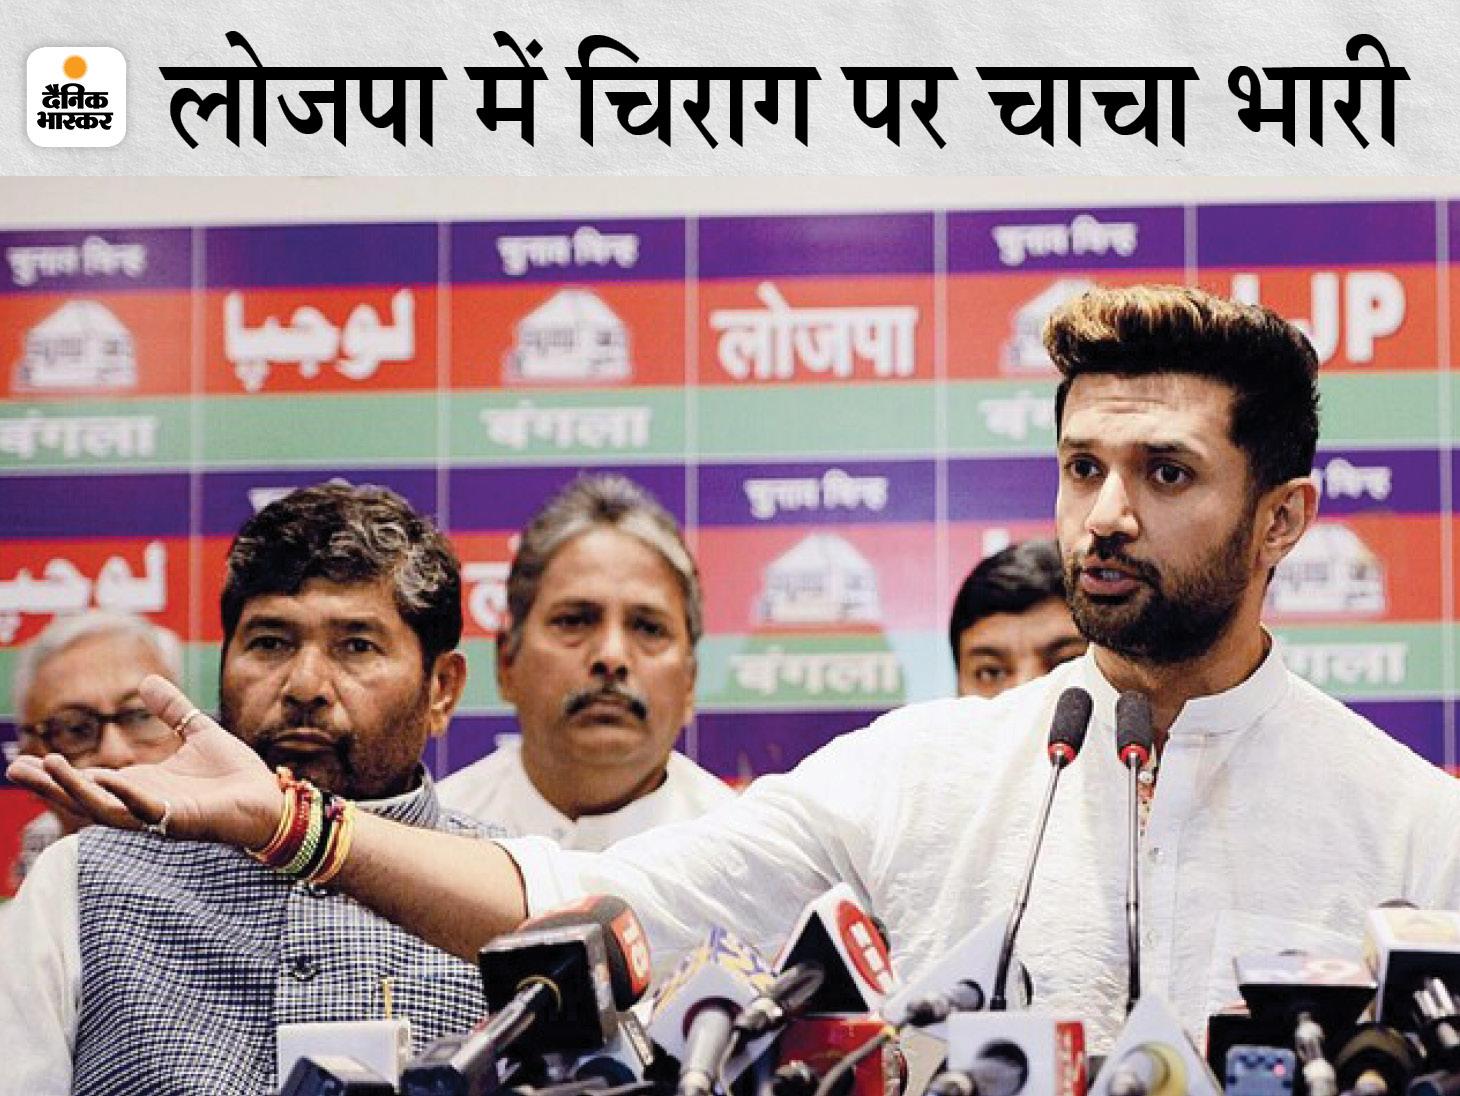 चिराग को अकेले छोड़ा, बाकी 5 सांसदों ने पारस को नेता चुना; लोकसभा अध्यक्ष को सौंपी चिट्ठी, आज चुनाव आयोग को जानकारी देंगे पटना,Patna - Dainik Bhaskar